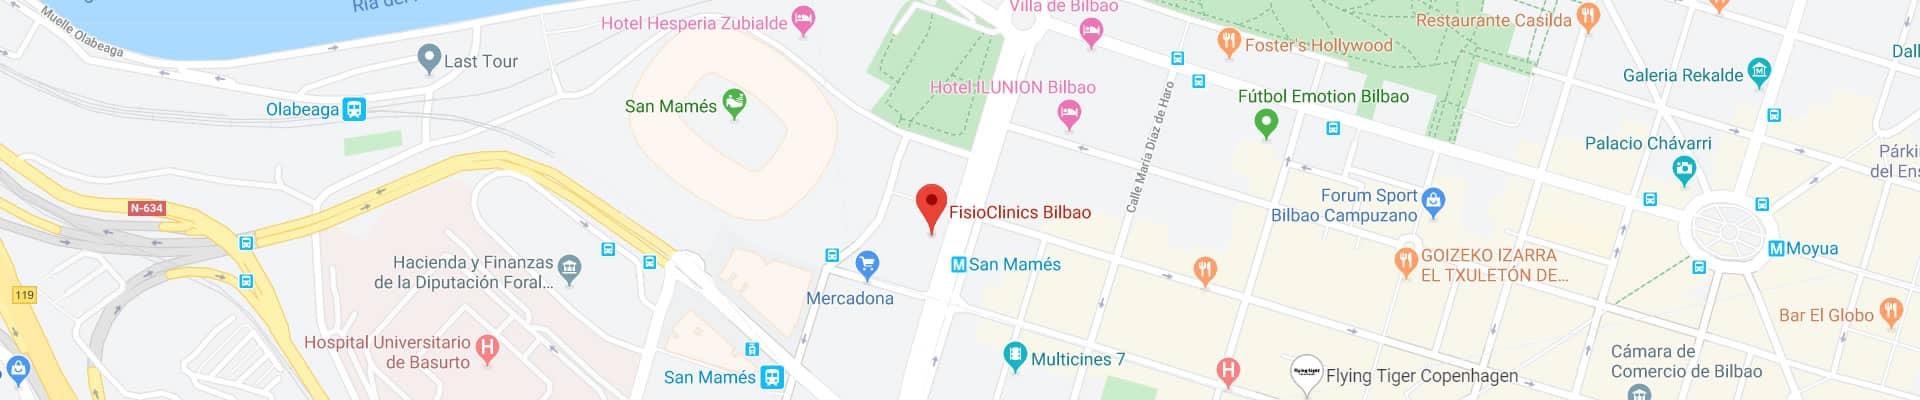 FisioClinics Bilbao